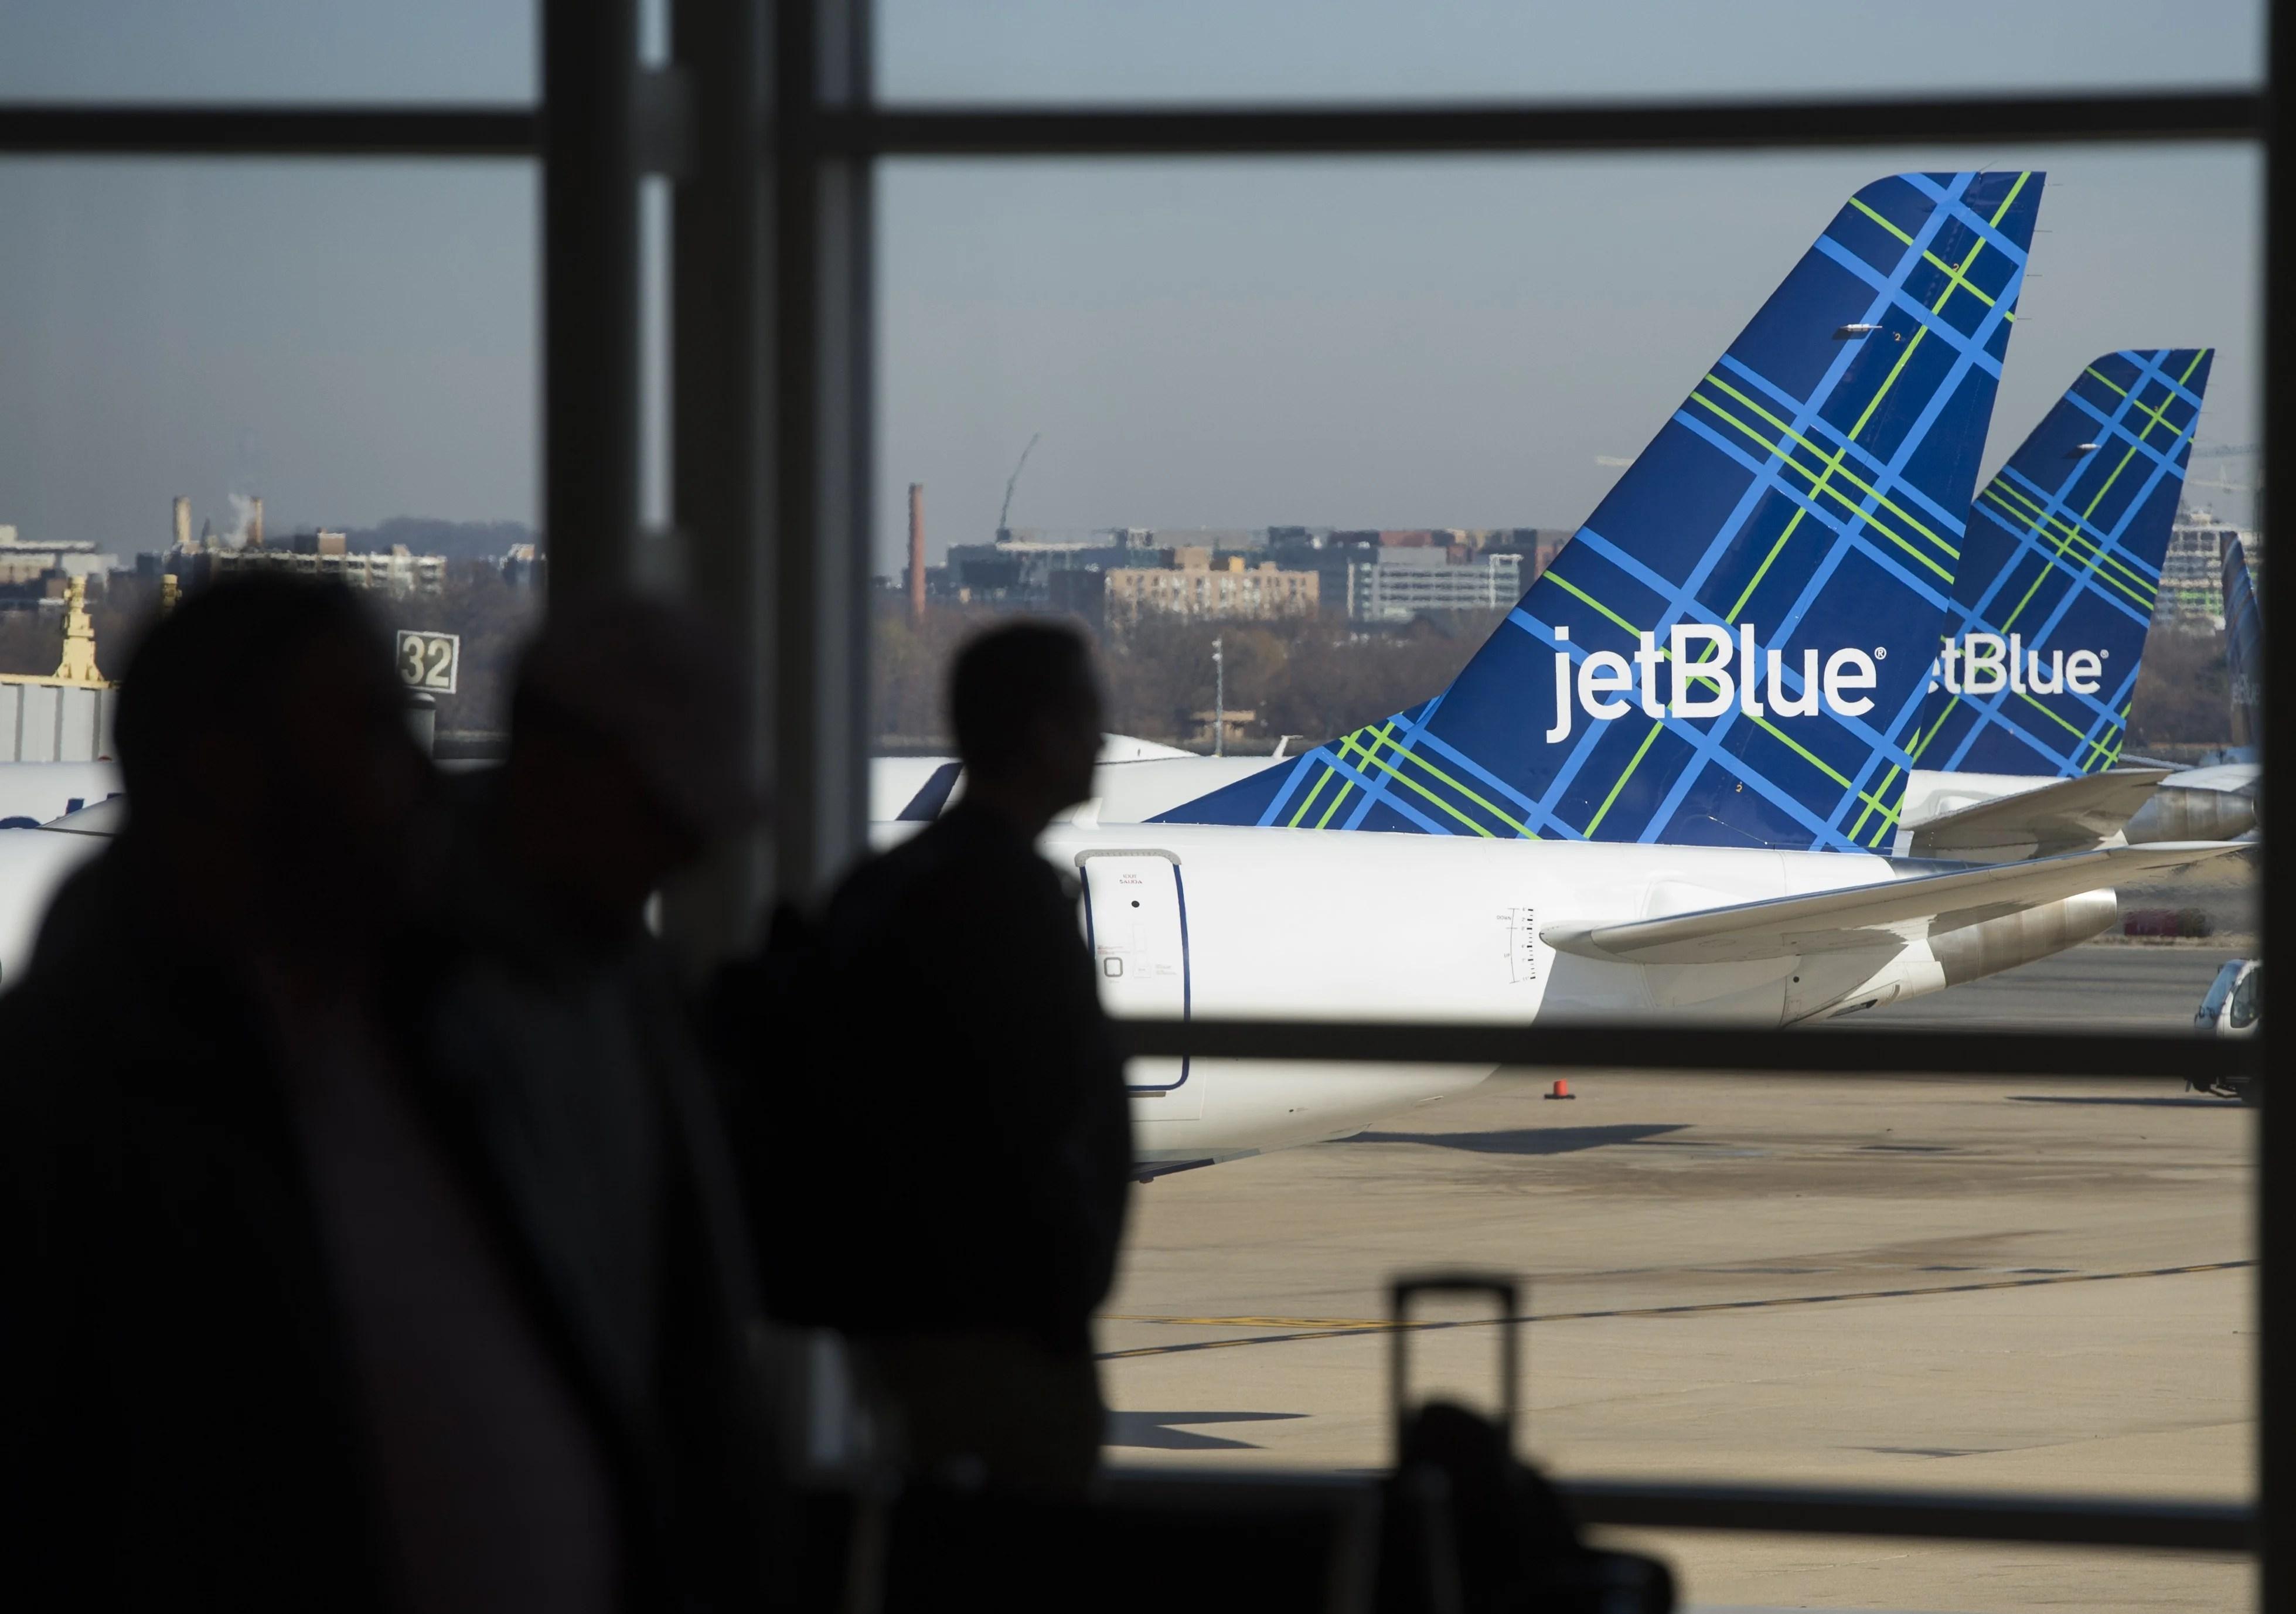 Allegiant, JetBlue and Spirit slash schedules and executive salaries